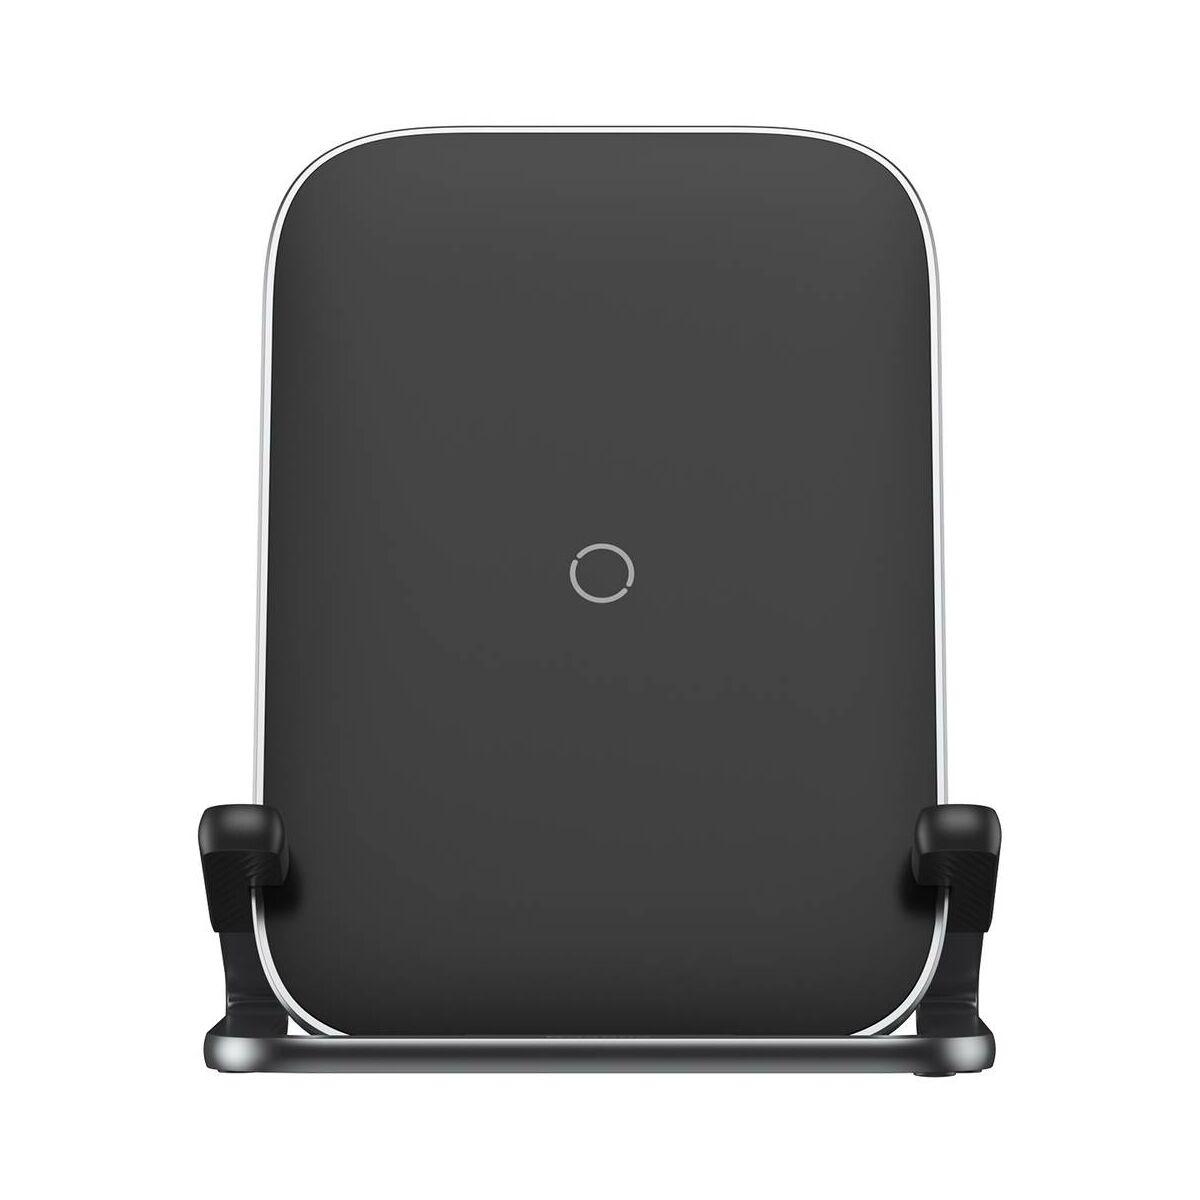 Baseus vezeték nélküli töltő, Cobble Rib változtatható telefon töltési pozícióval (fekvő és álló) 15W, fekete (WXPG-01)